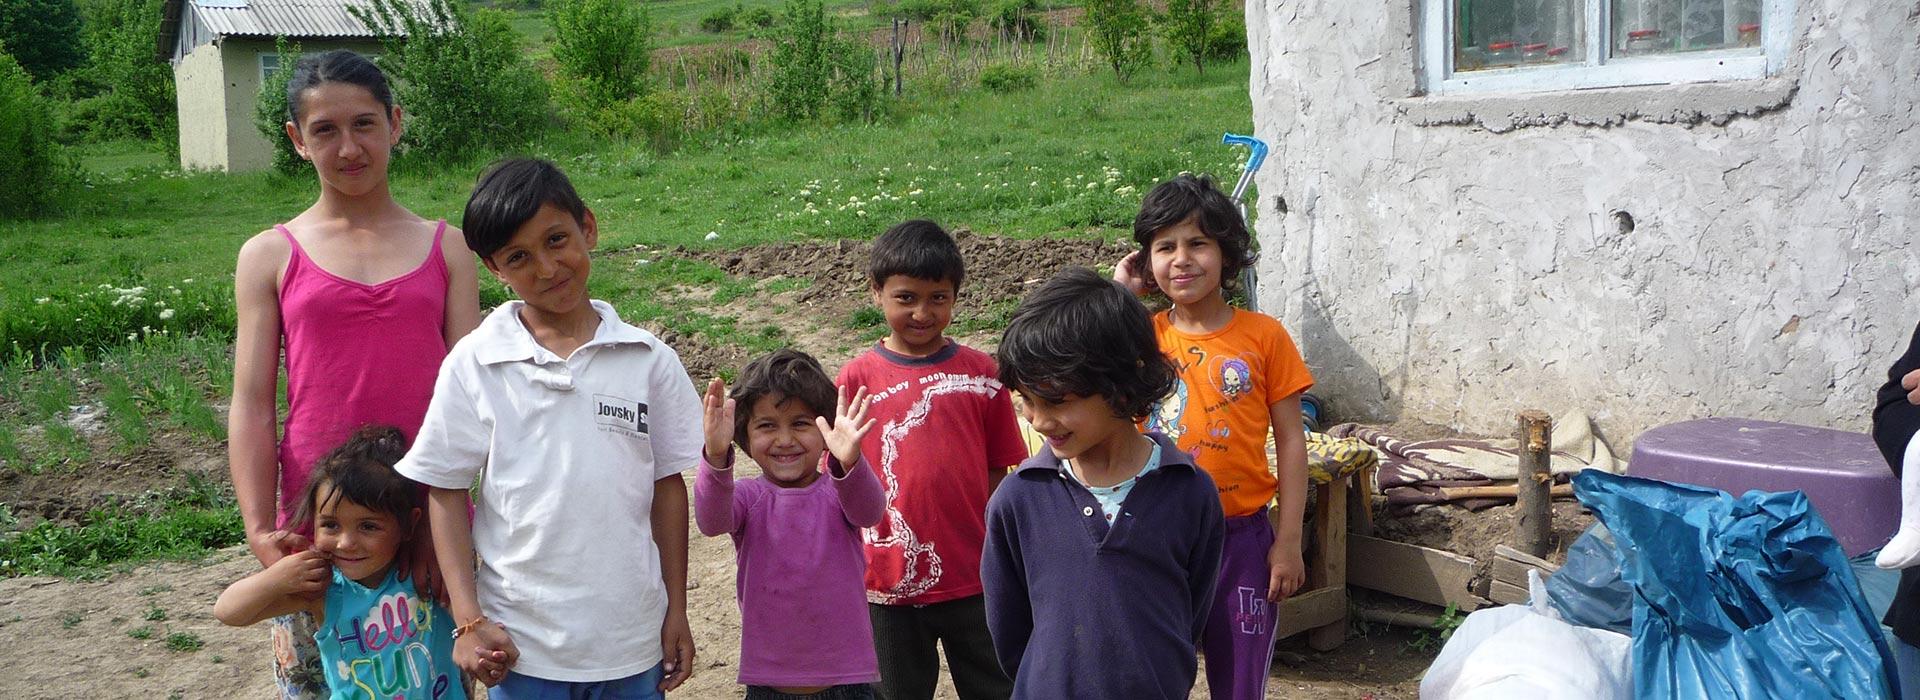 Skolprojekt bland romer i Rumänien